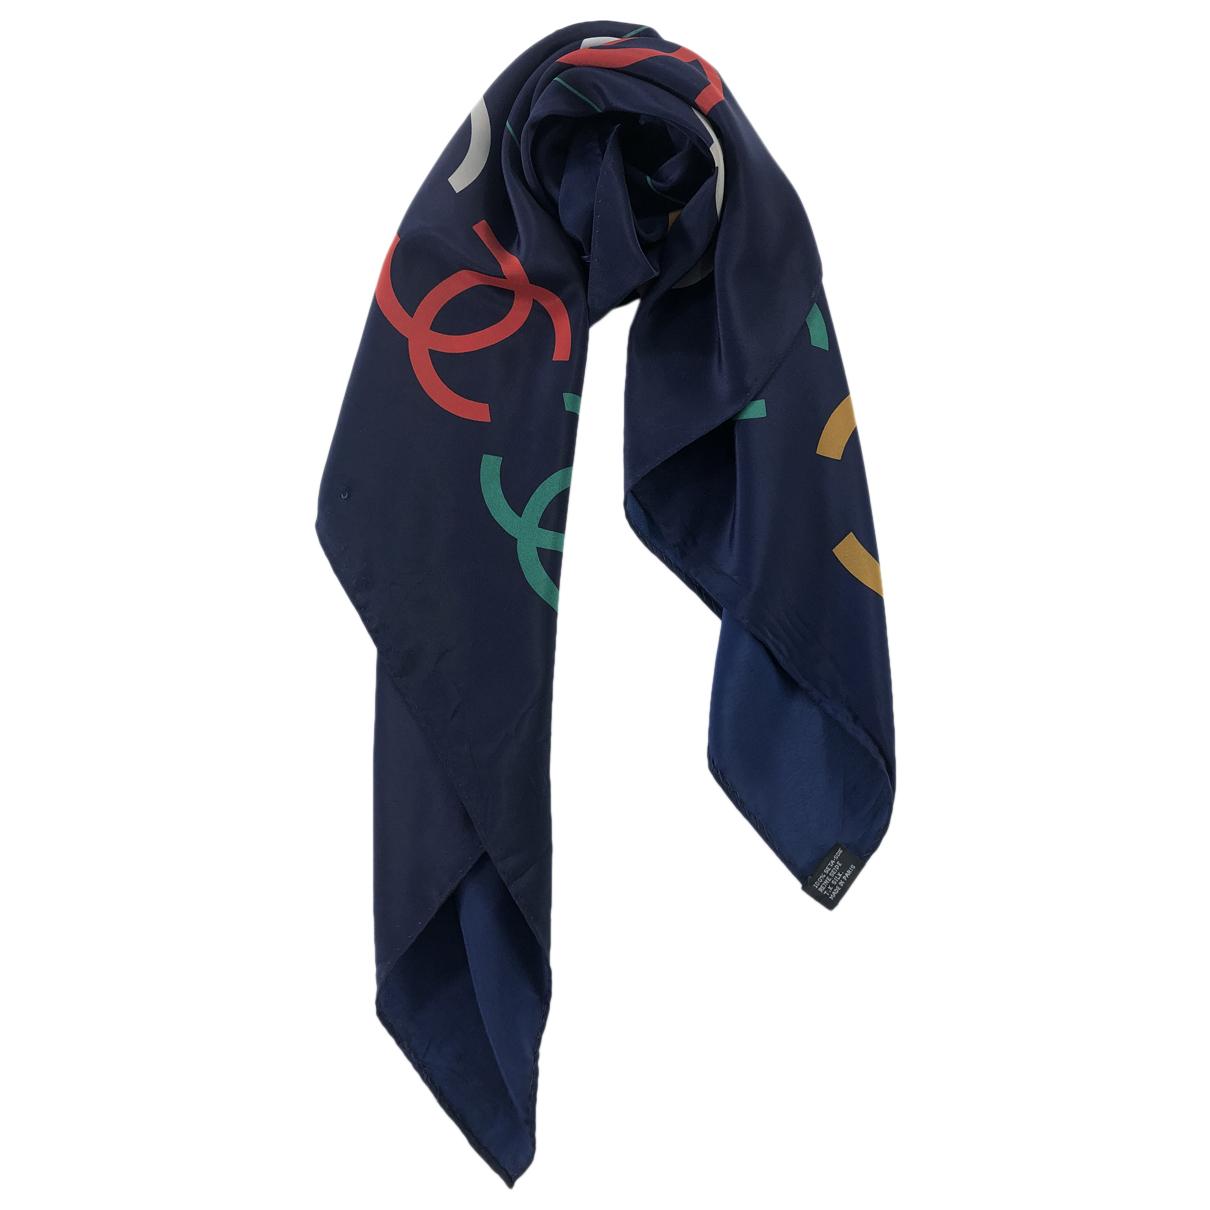 Chanel - Foulard   pour femme en soie - marine